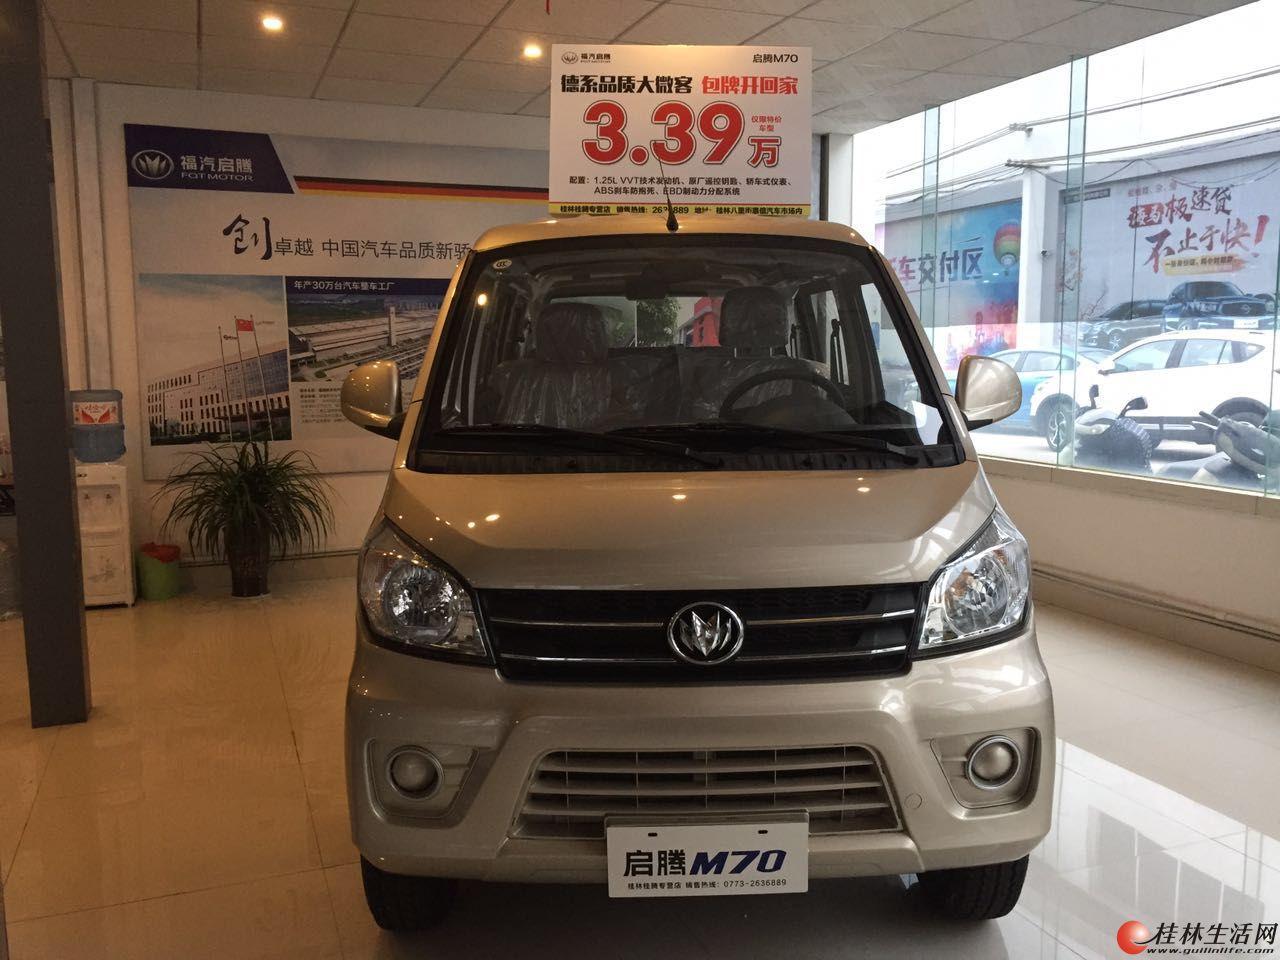 福汽启腾M70面包车新车3.39万起